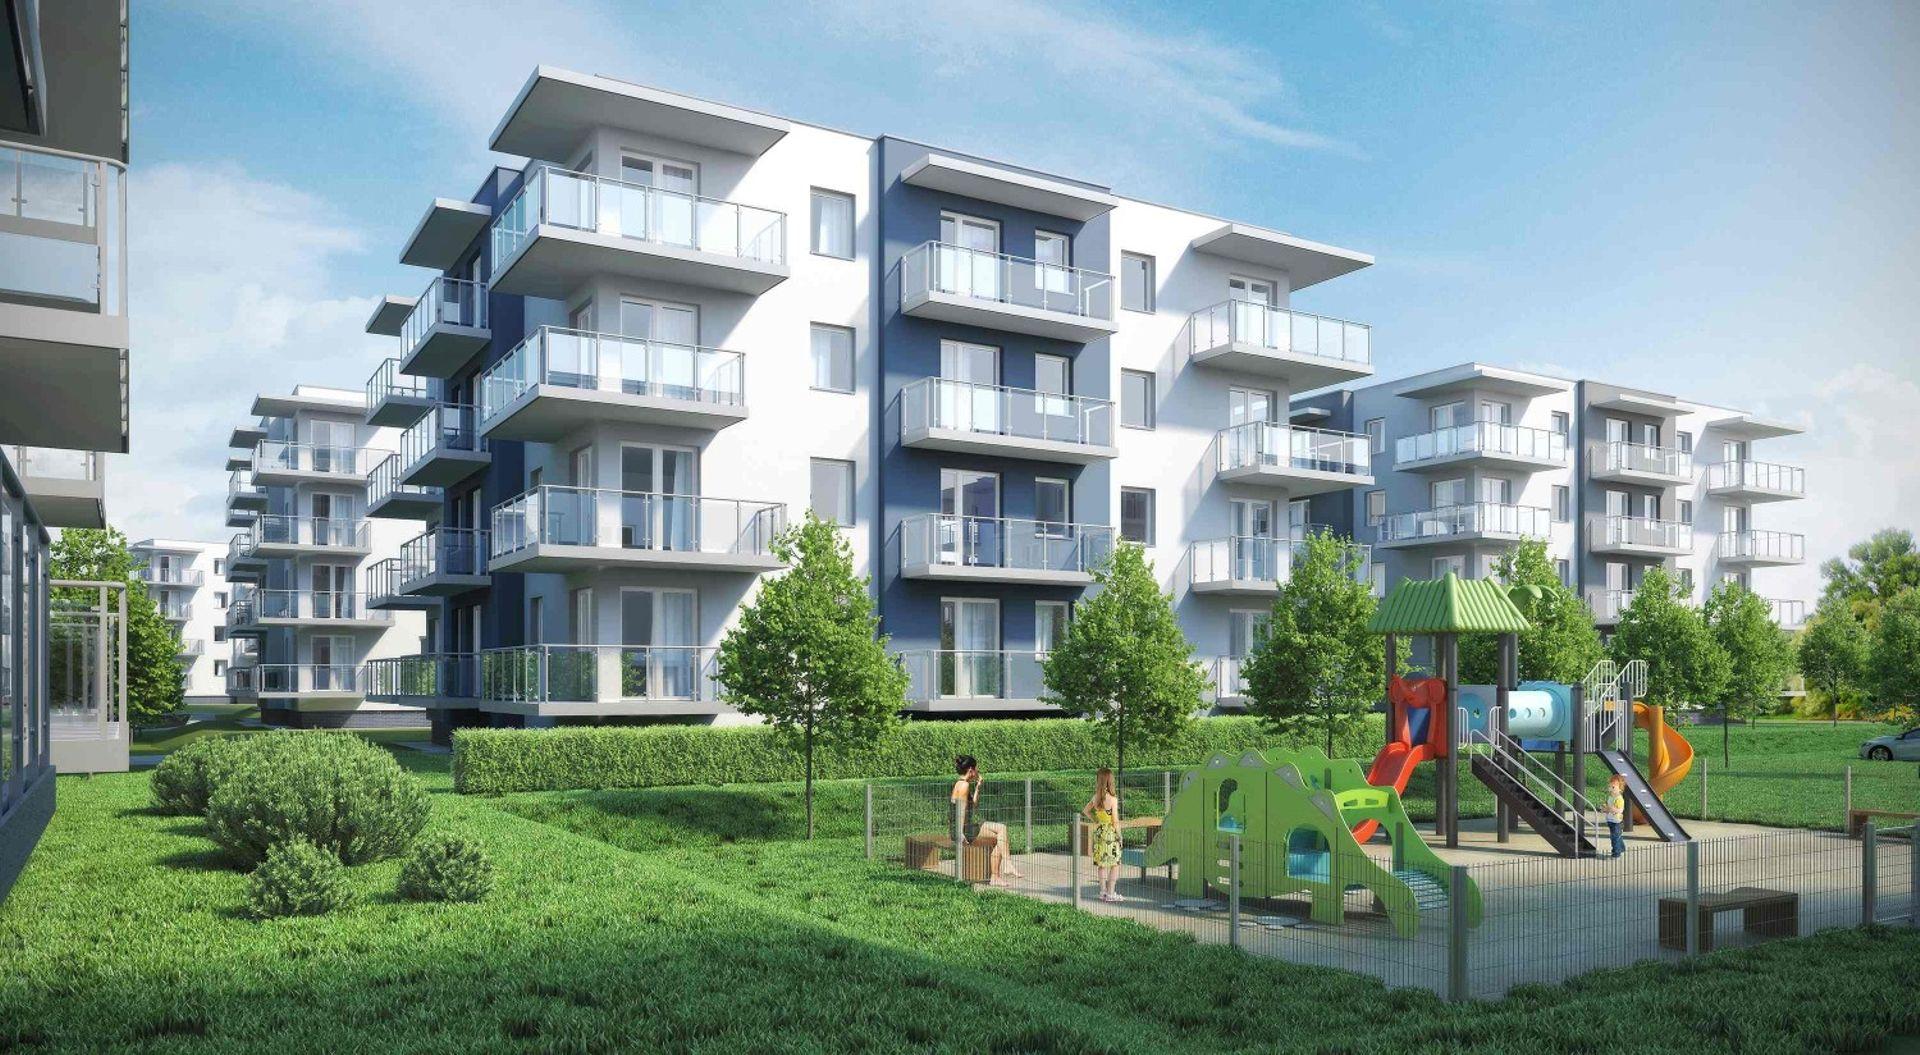 [zachodniopomorskie] Budowa apartamentów Porta Mare Baltica w Kołobrzegu postępuje